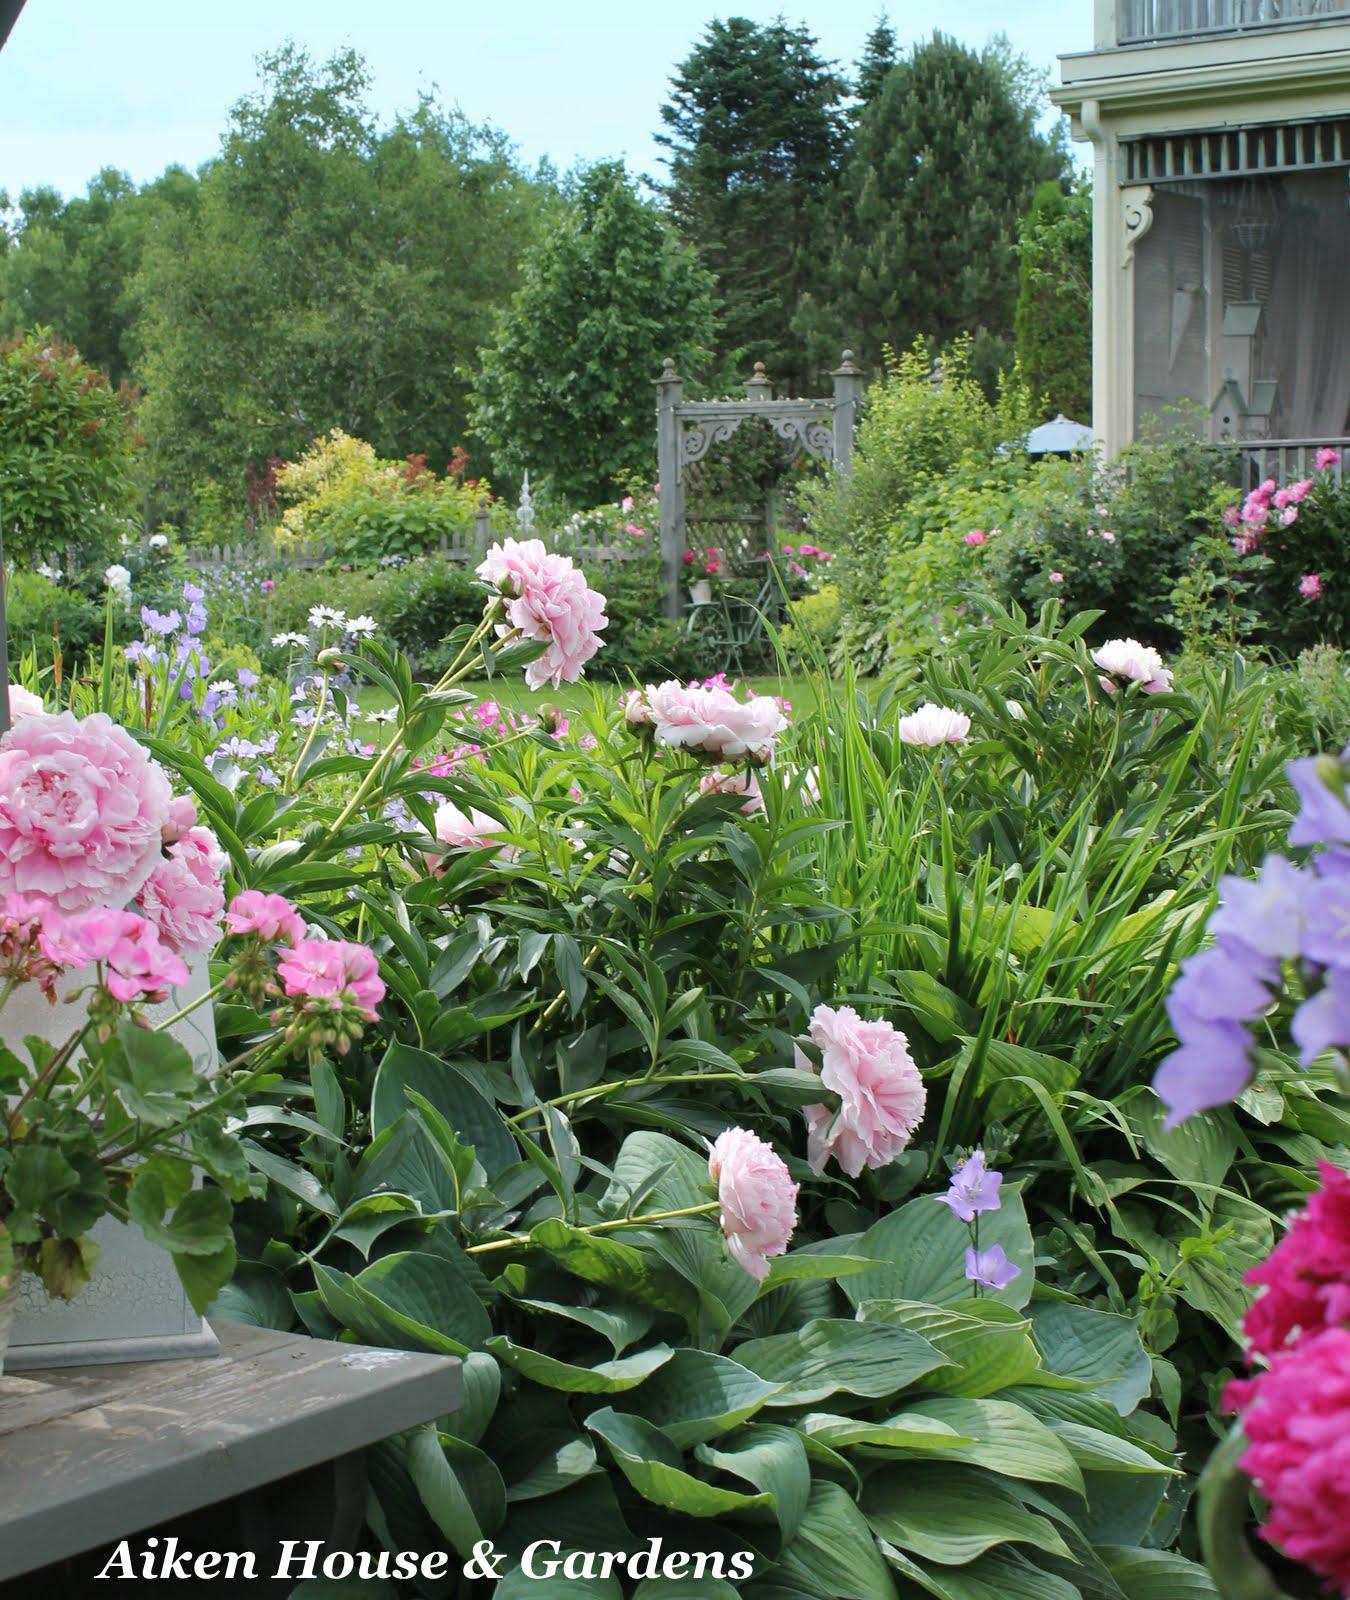 Romantic Garden Designs: Home Improvement Ideas..: Romantic Garden Style